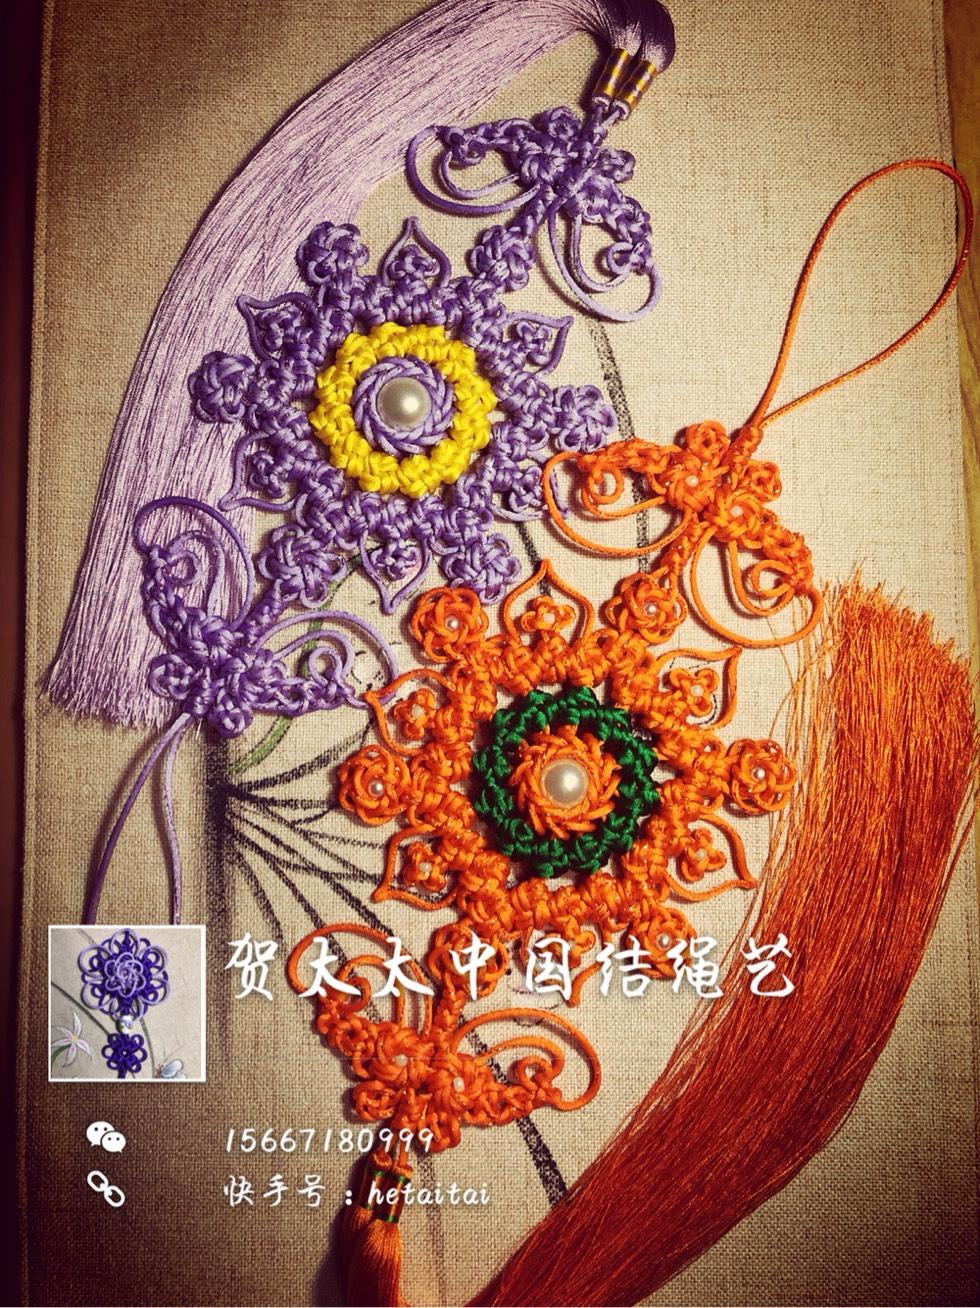 中国结论坛 花仙子来一波  作品展示 210655tsnzm6smb8ri5mu3